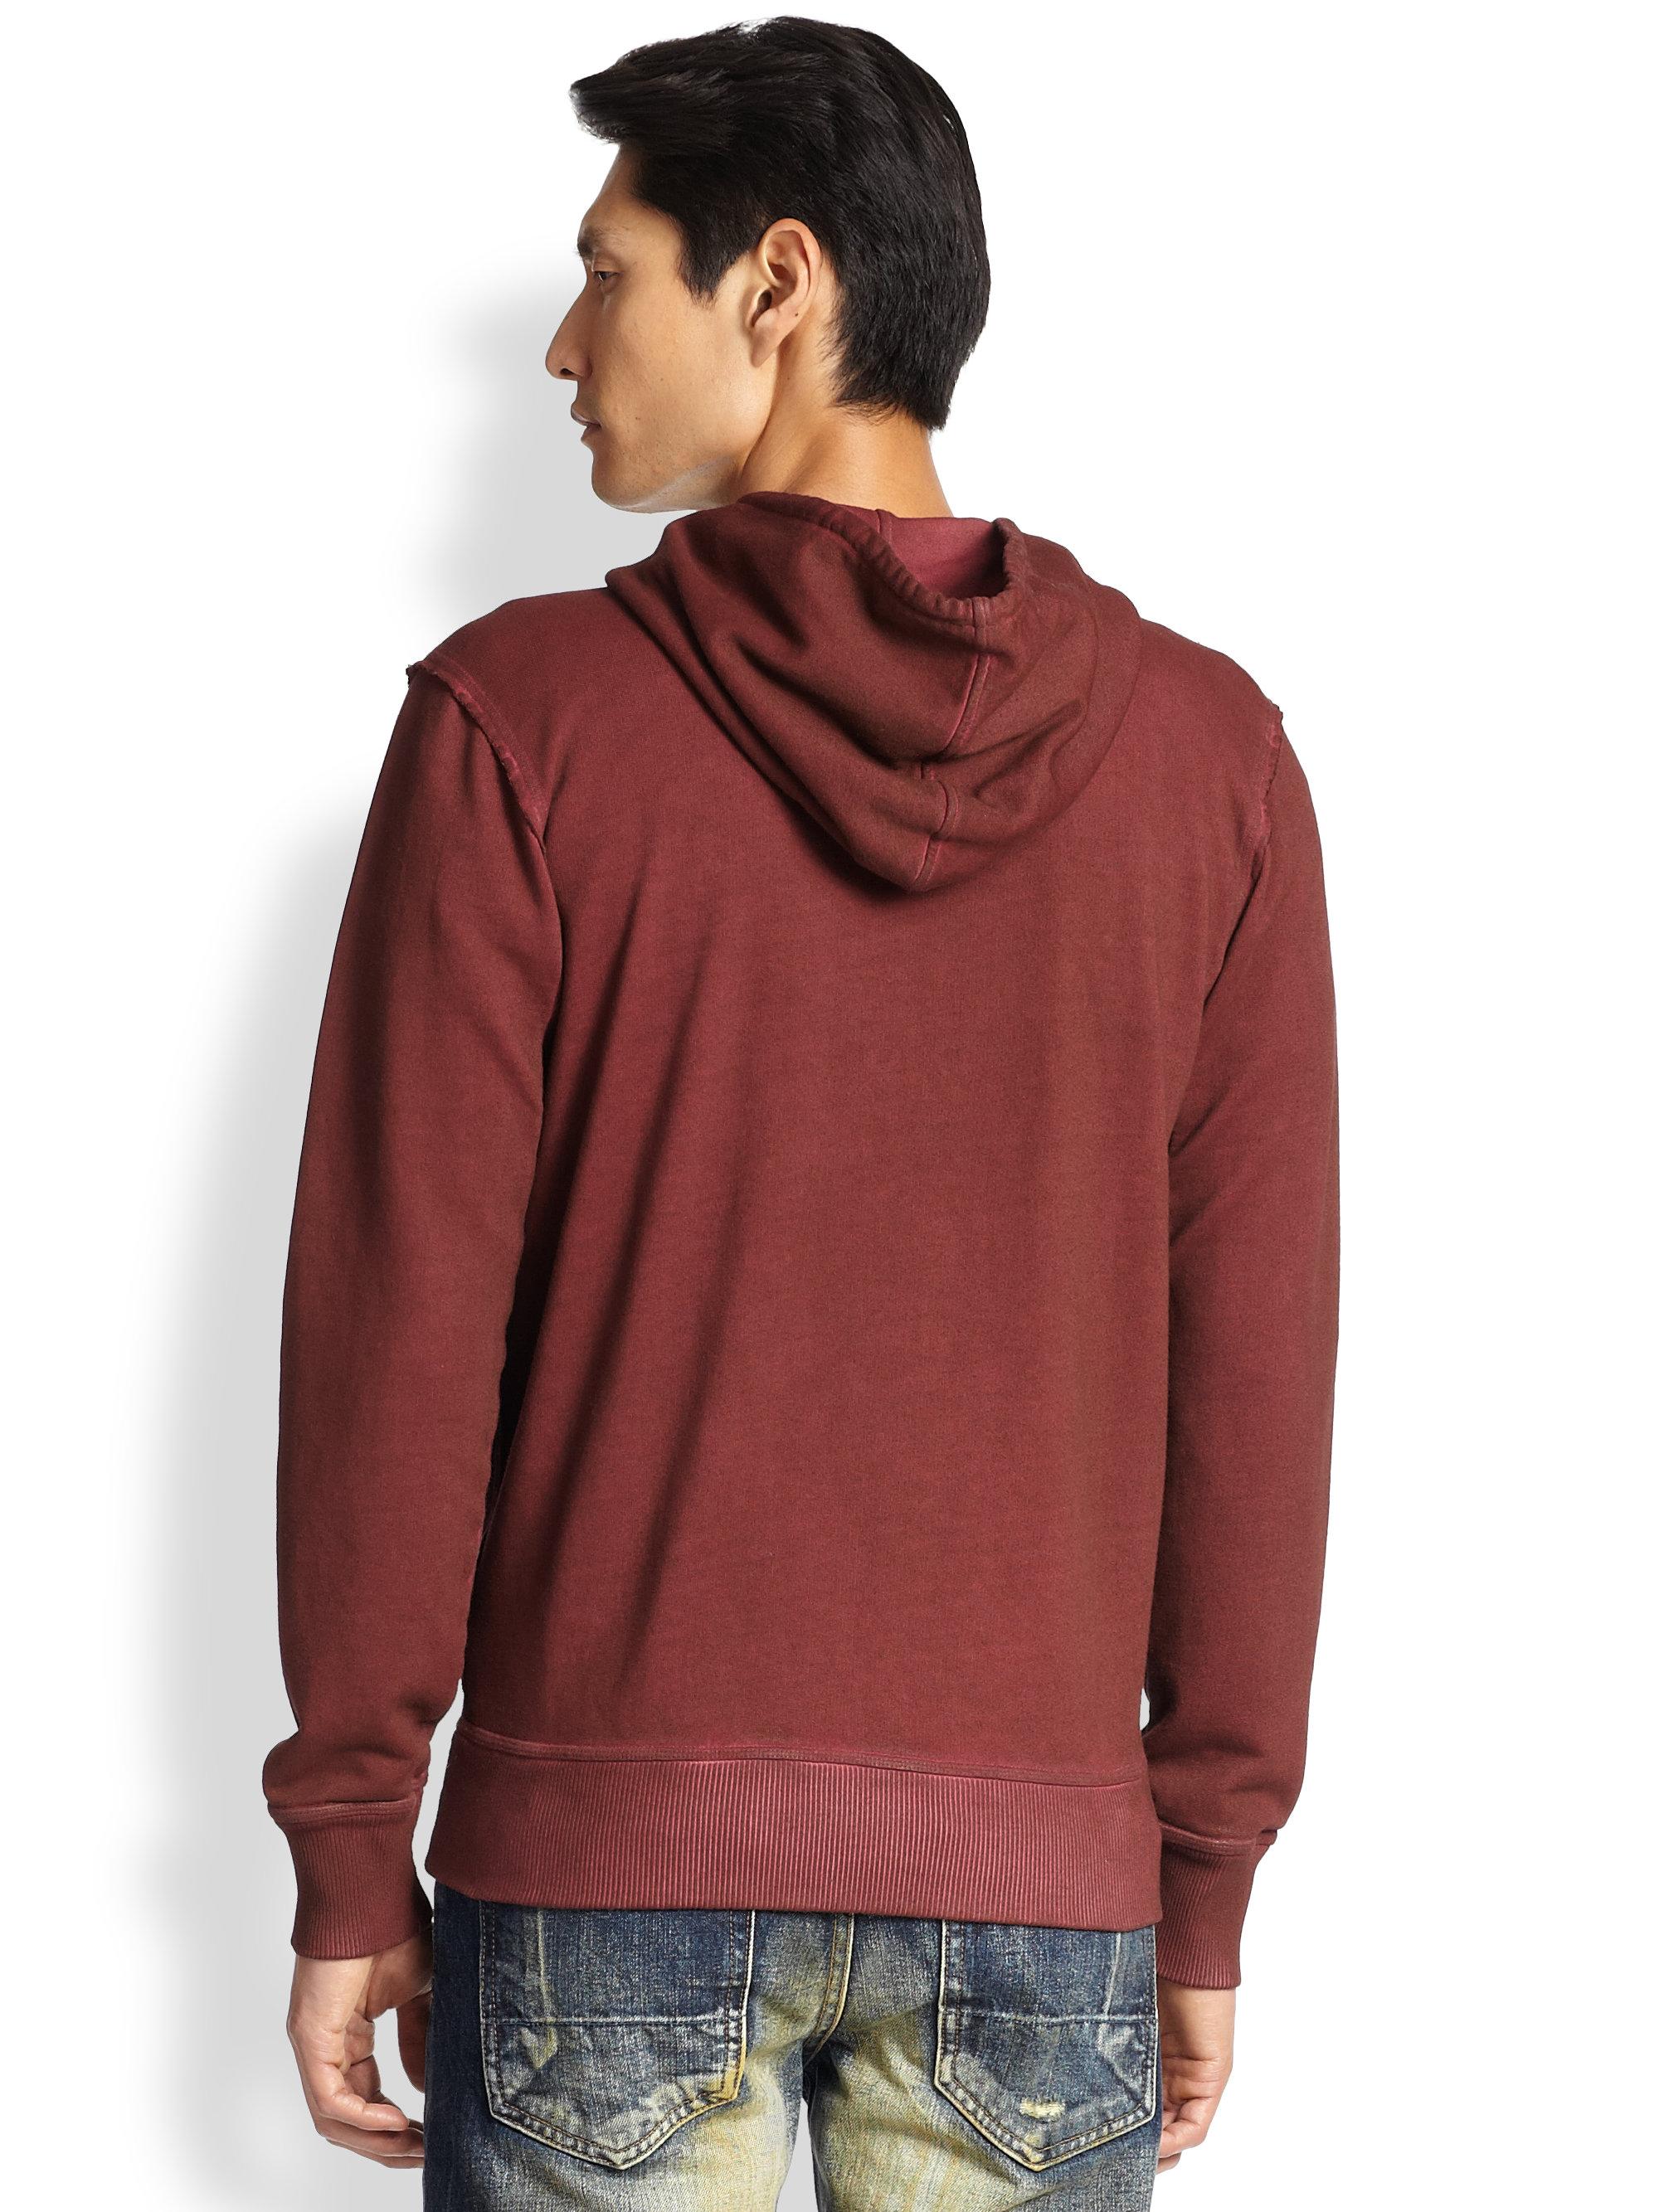 Purple zip up hoodie